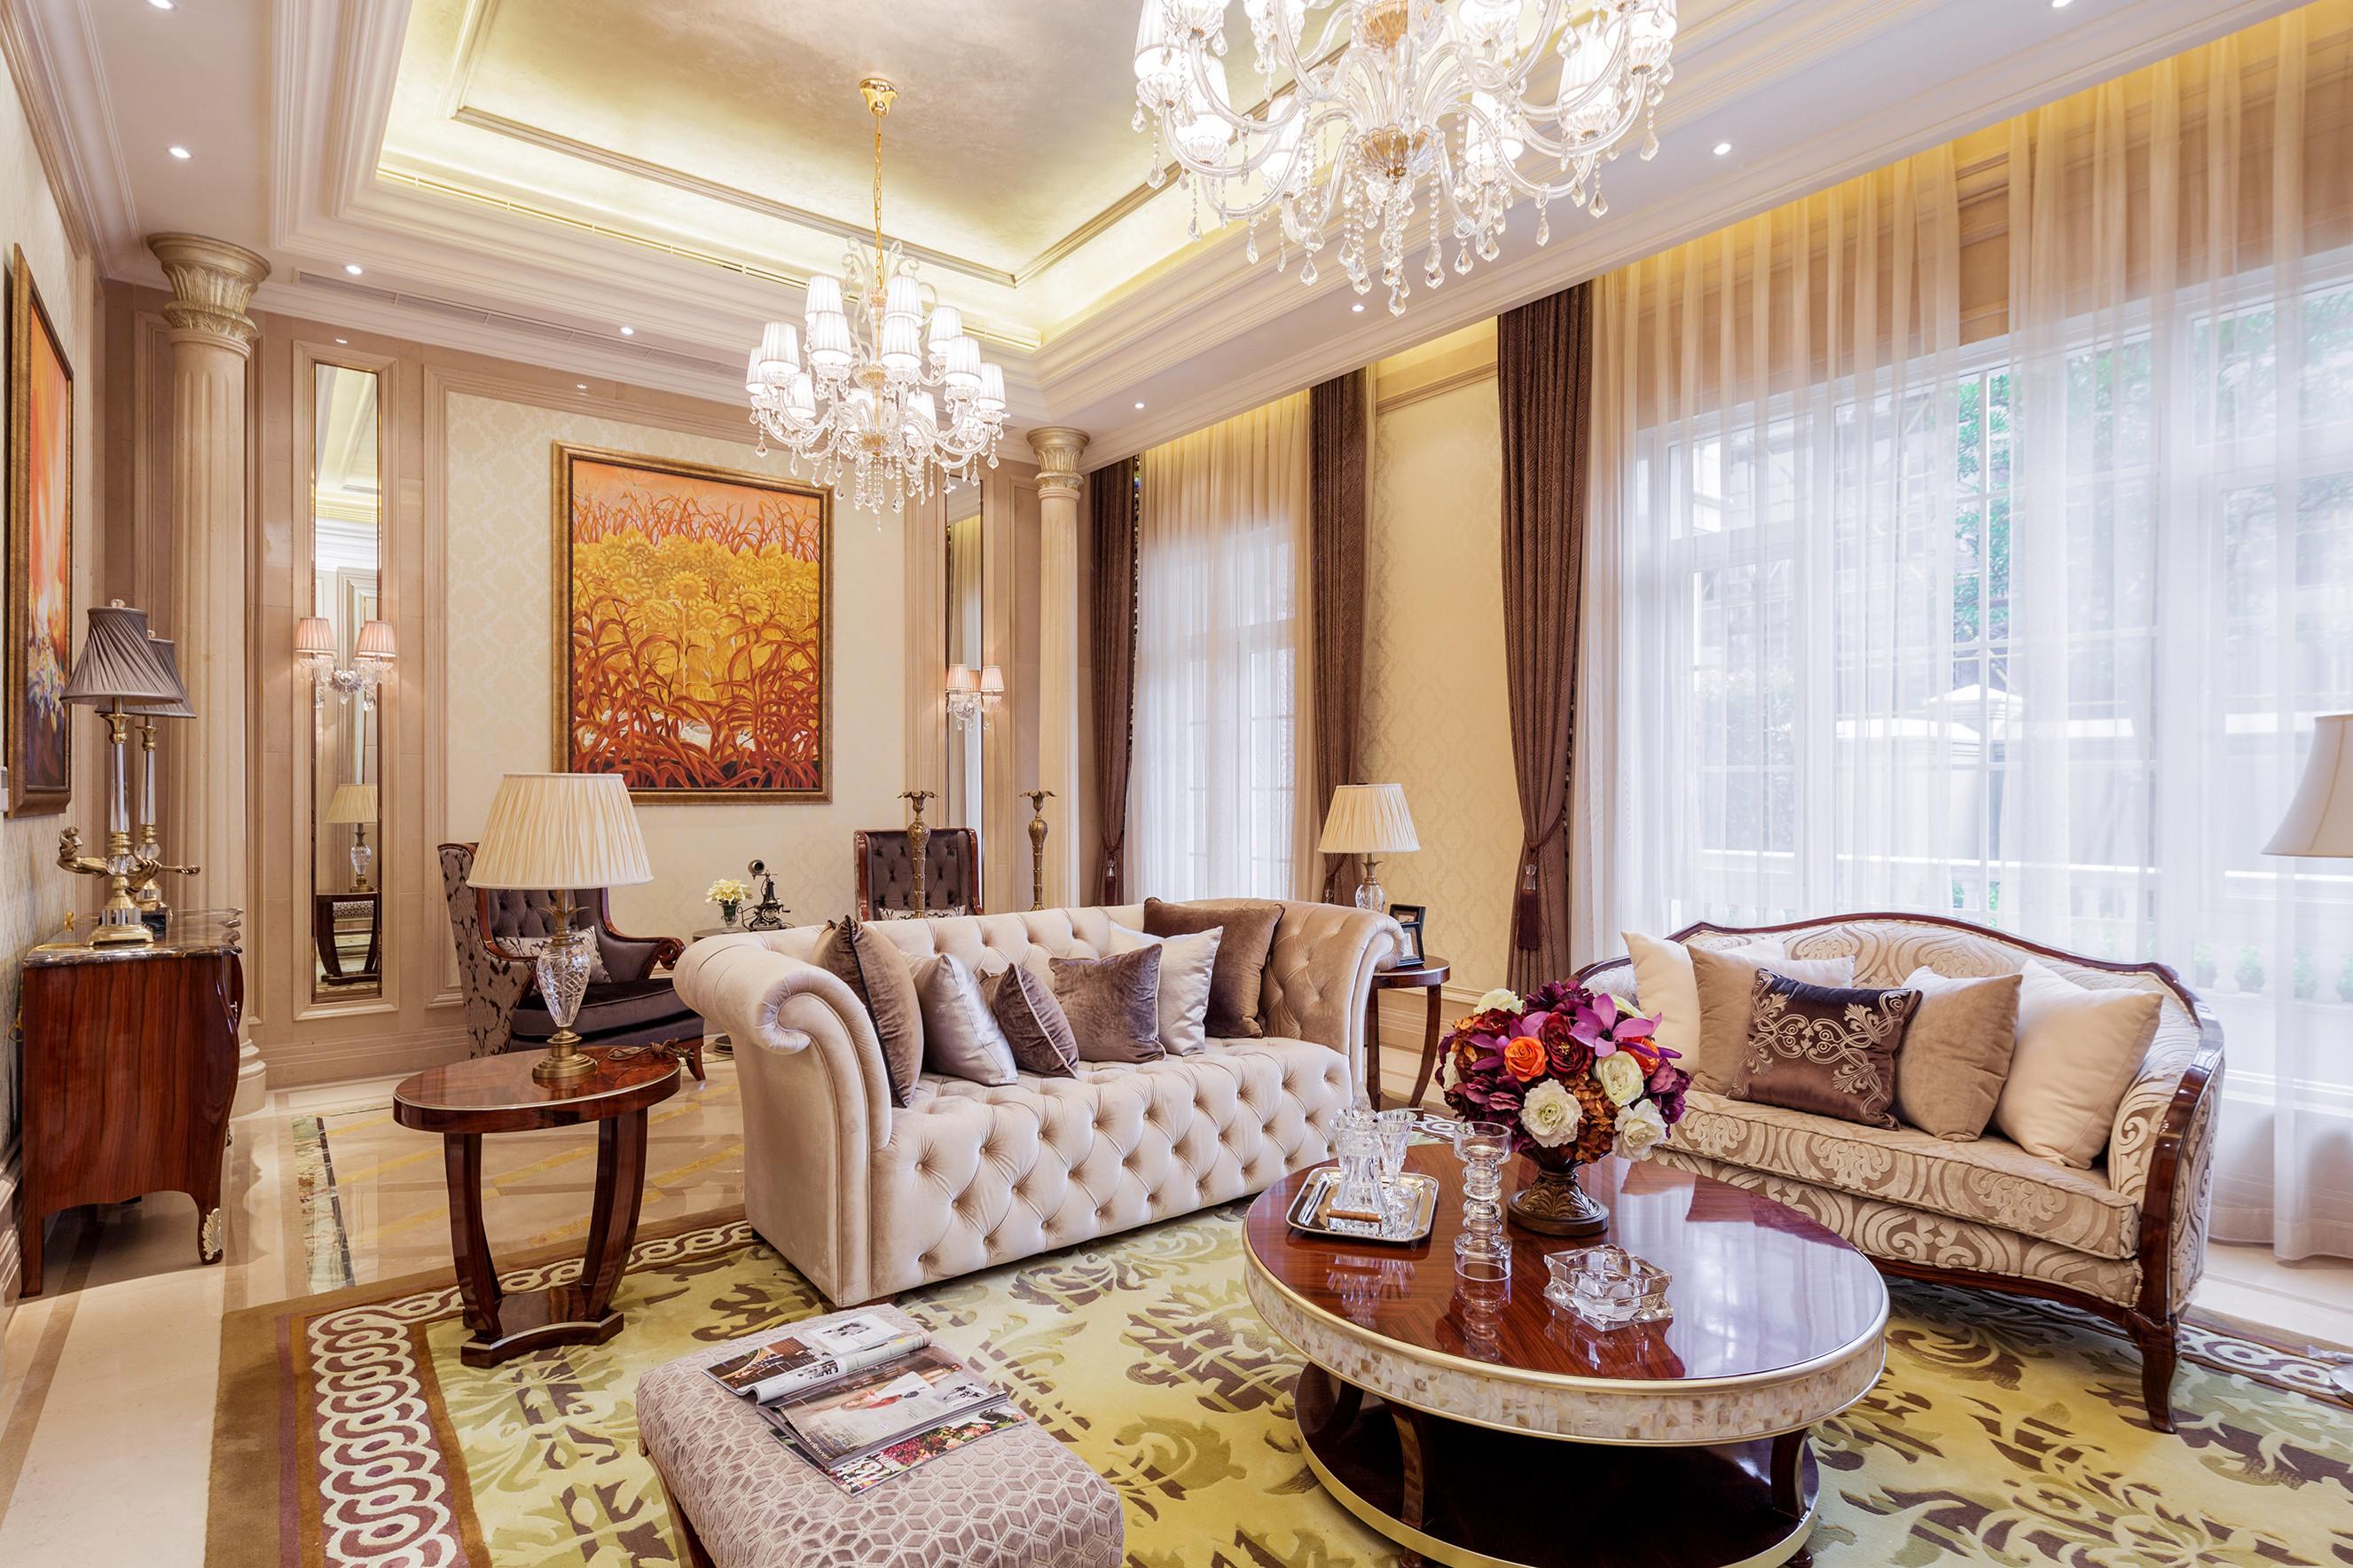 欧式古典奢华别墅装修客厅效果图